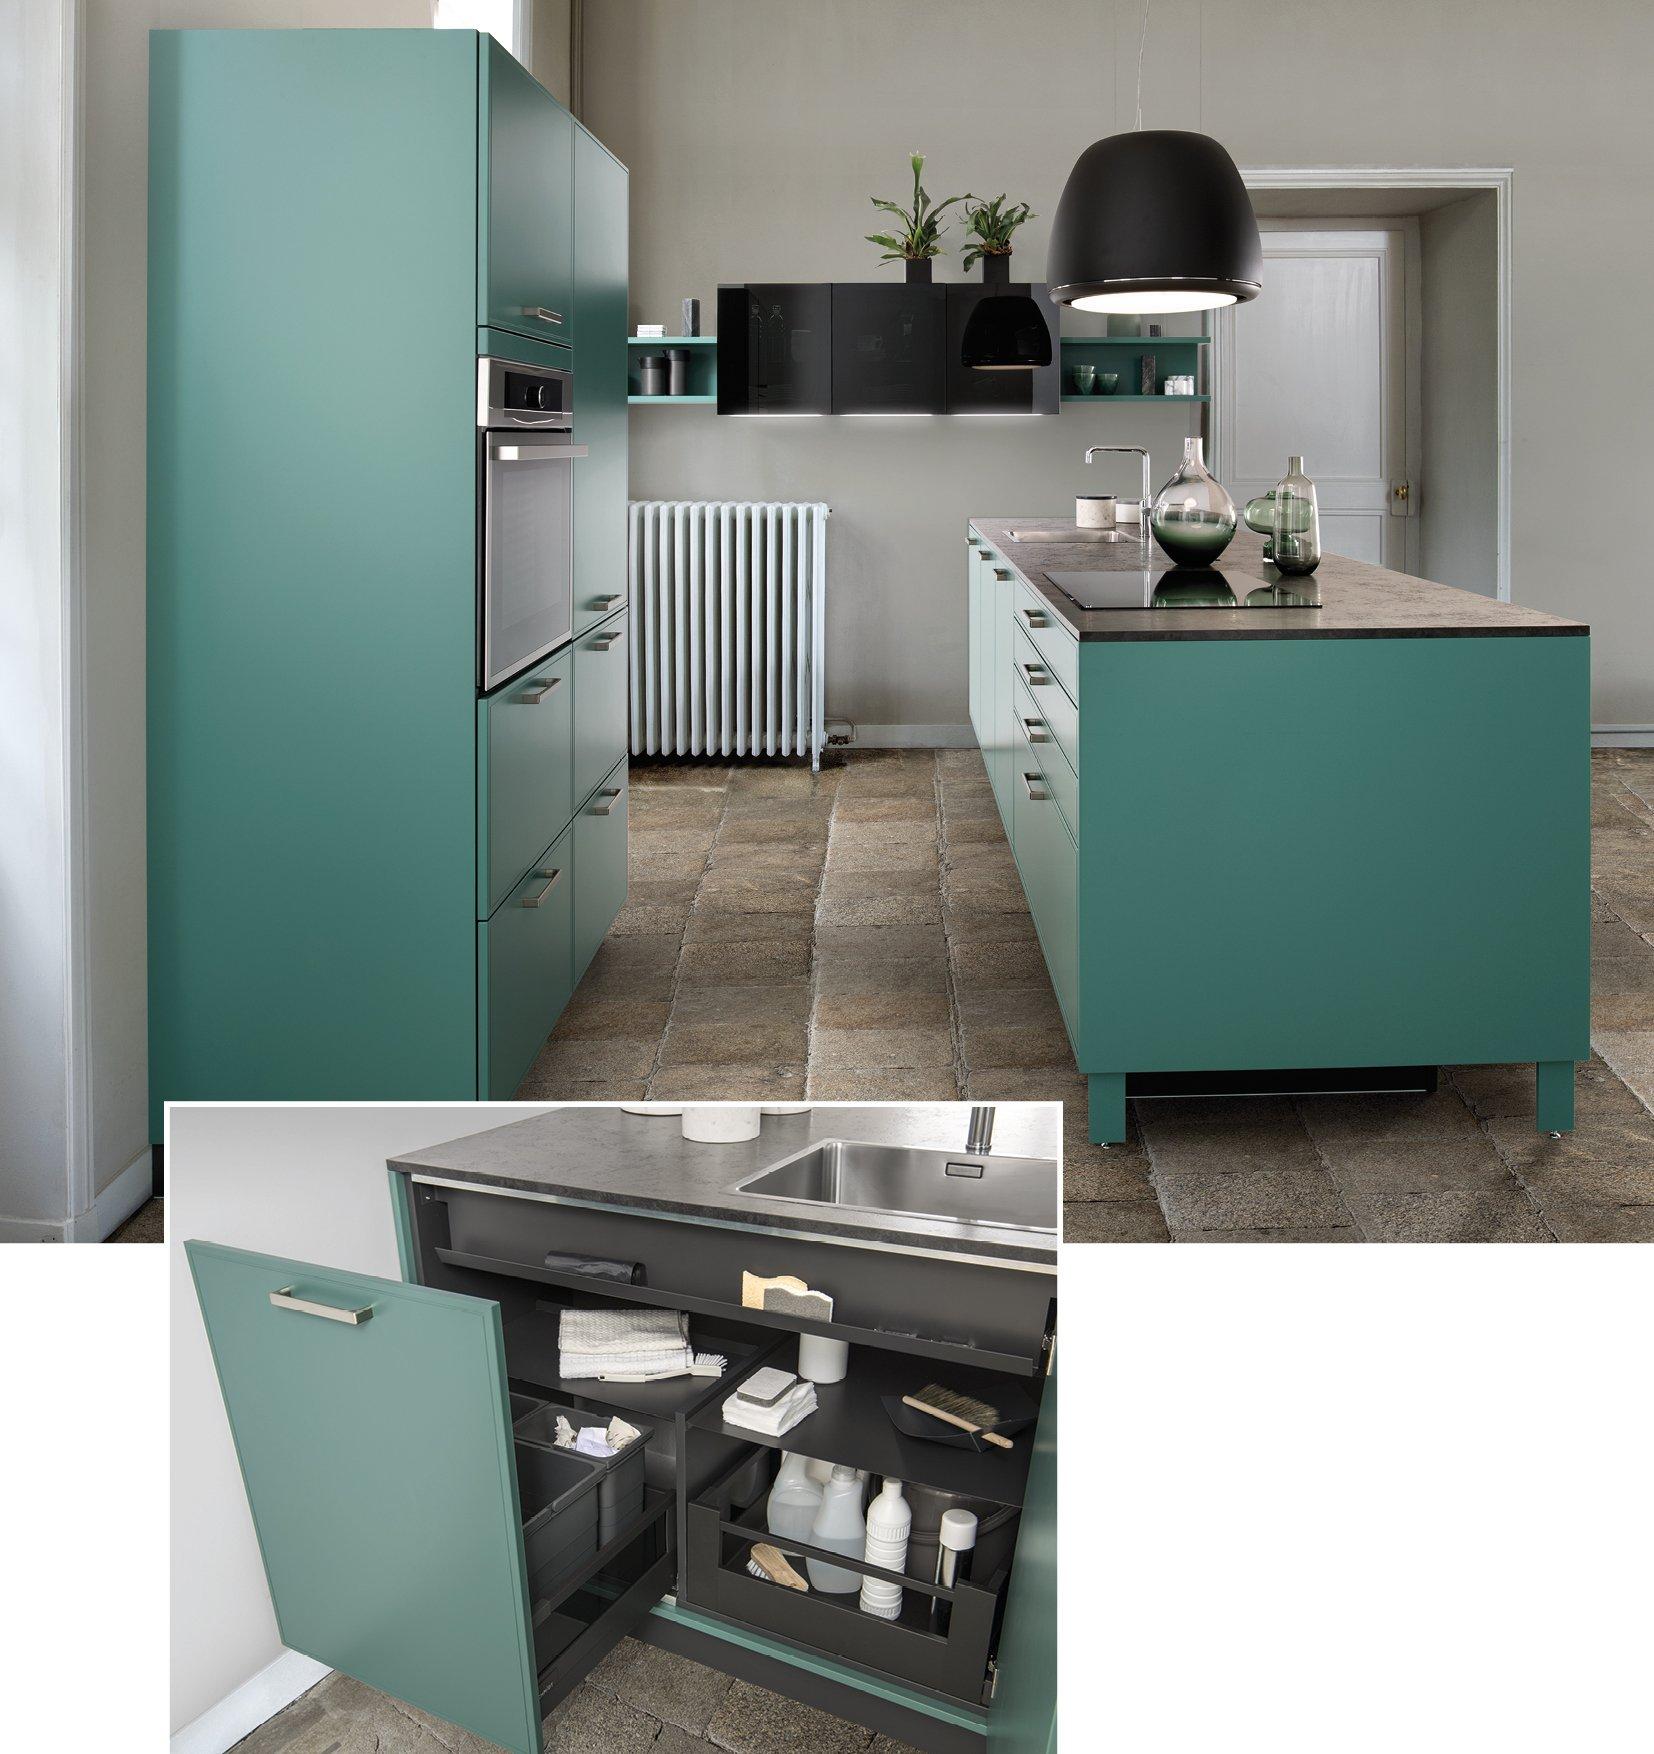 Pattumiera Design Per Cucina. Top Boxea Di Schmidt Cucine La Cucina ...